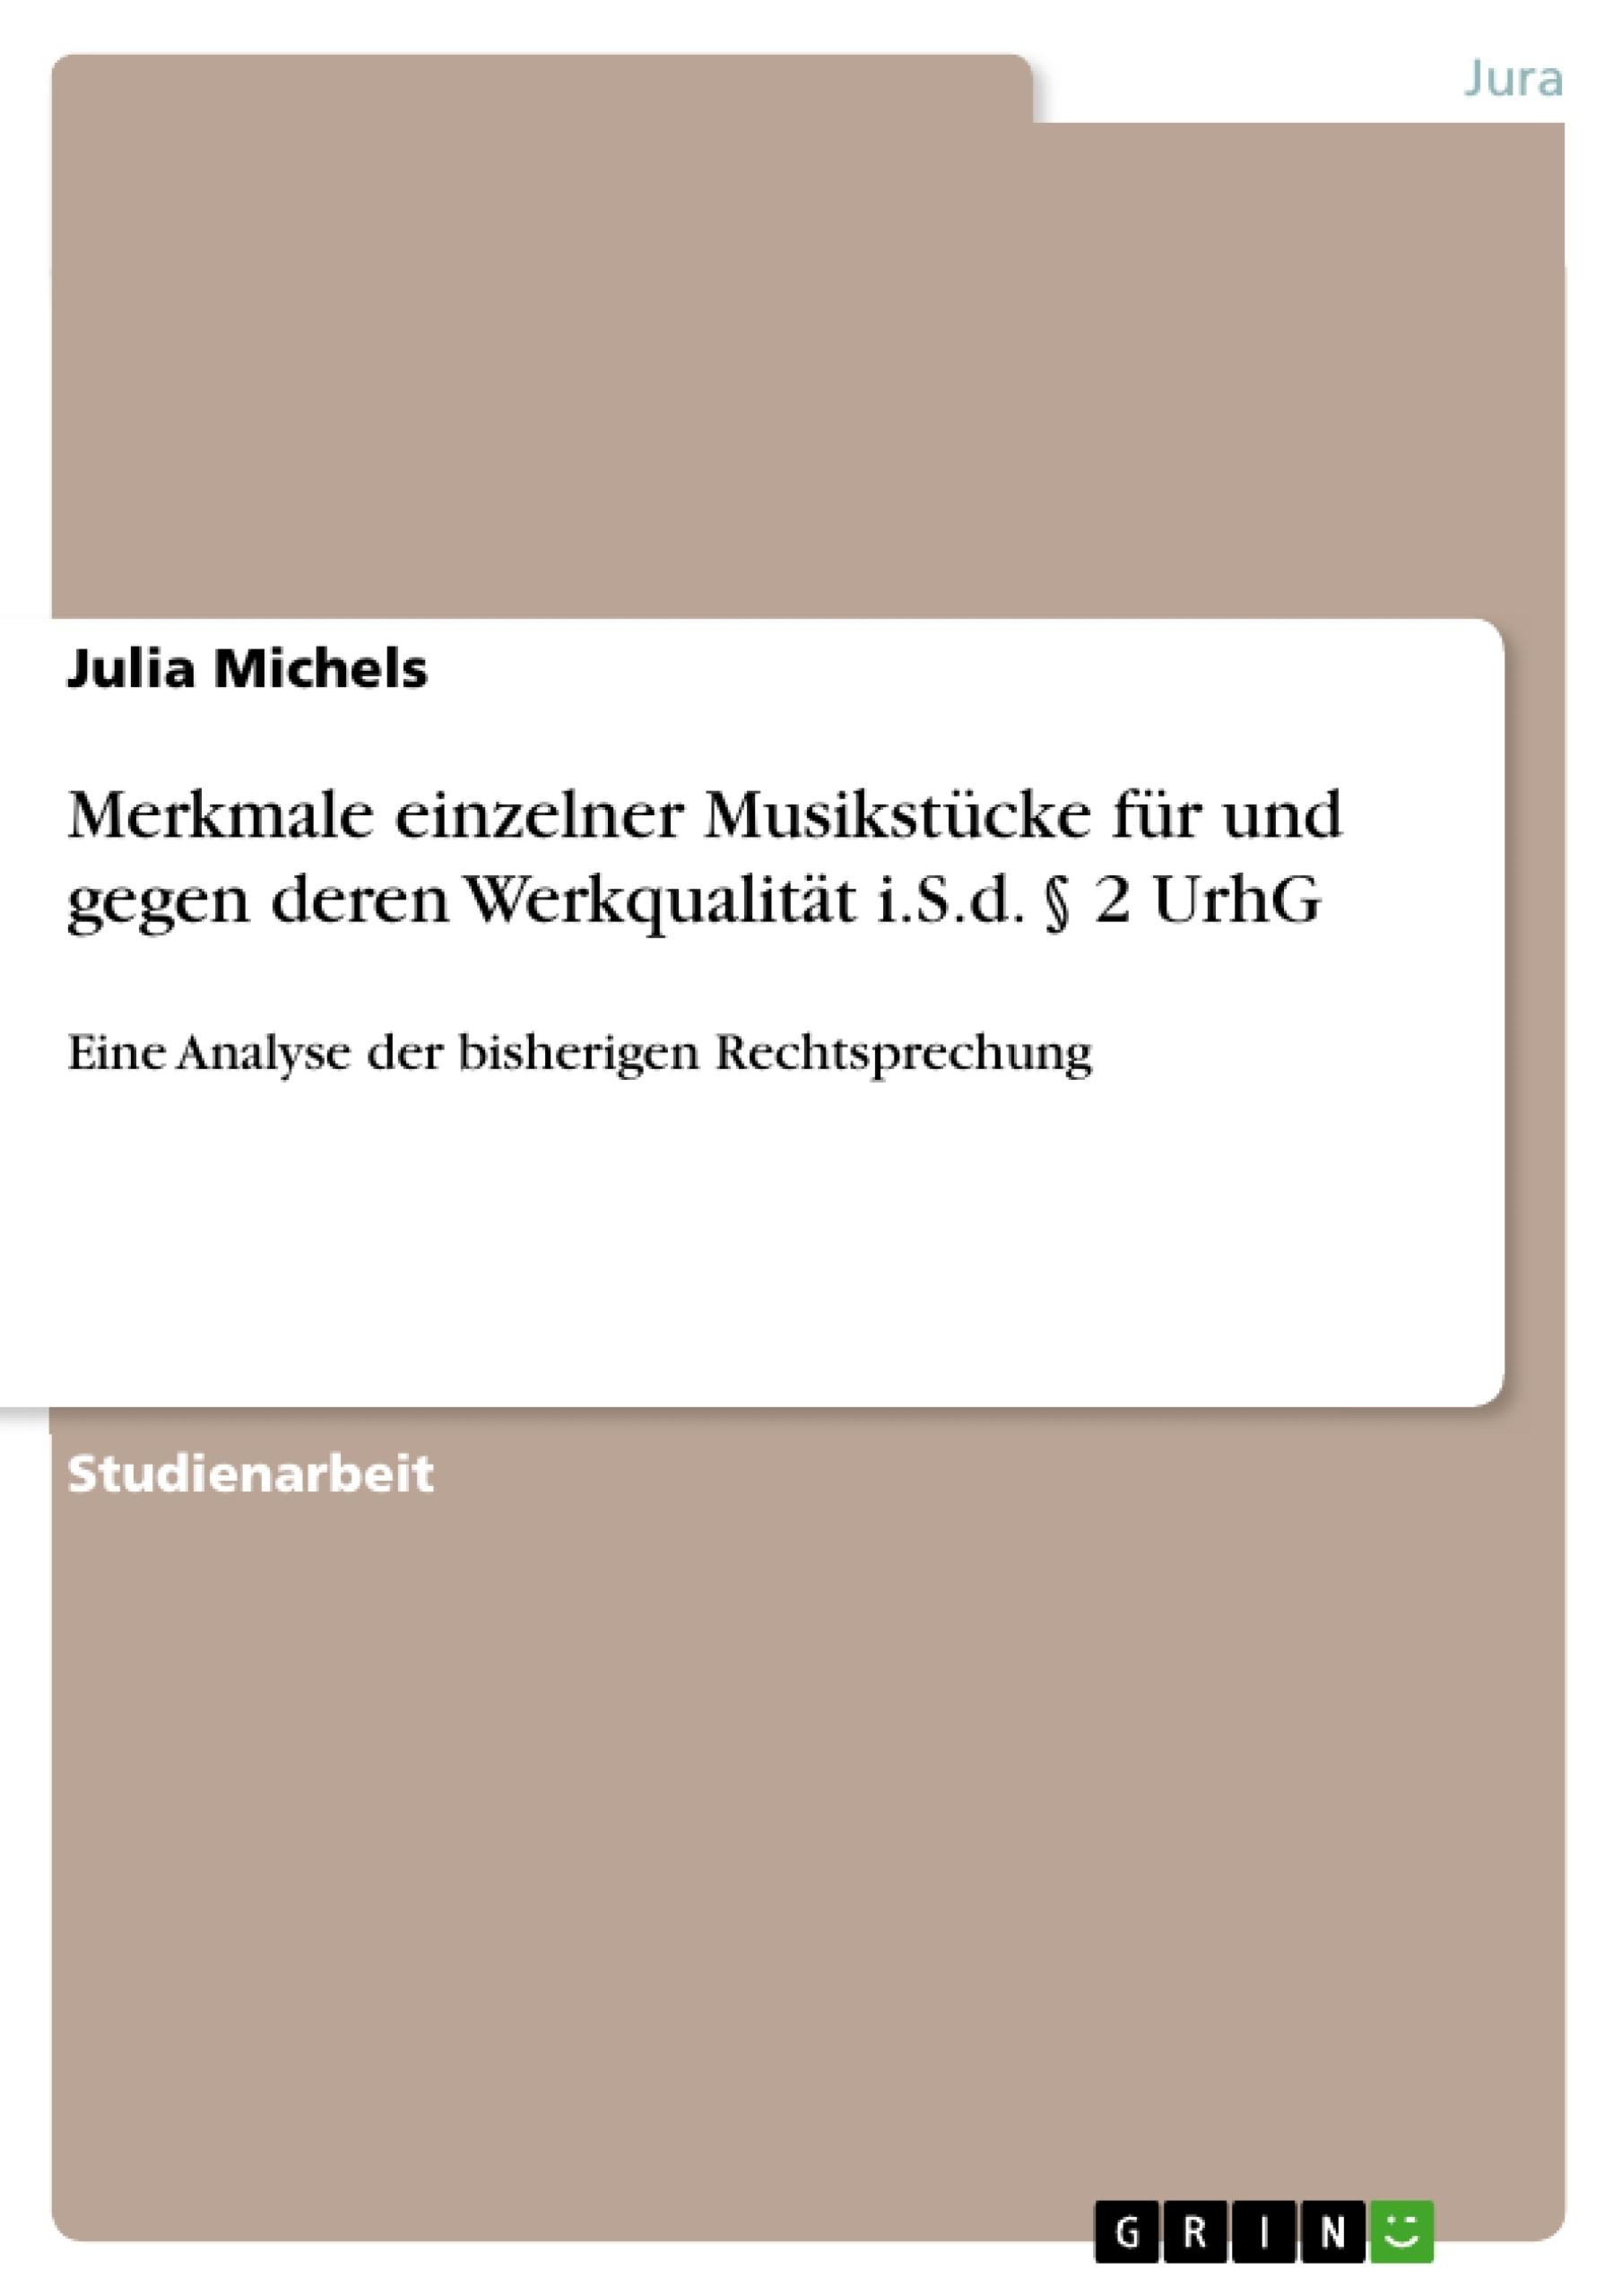 Titel: Merkmale einzelner Musikstücke für und gegen deren Werkqualität i.S.d. § 2 UrhG